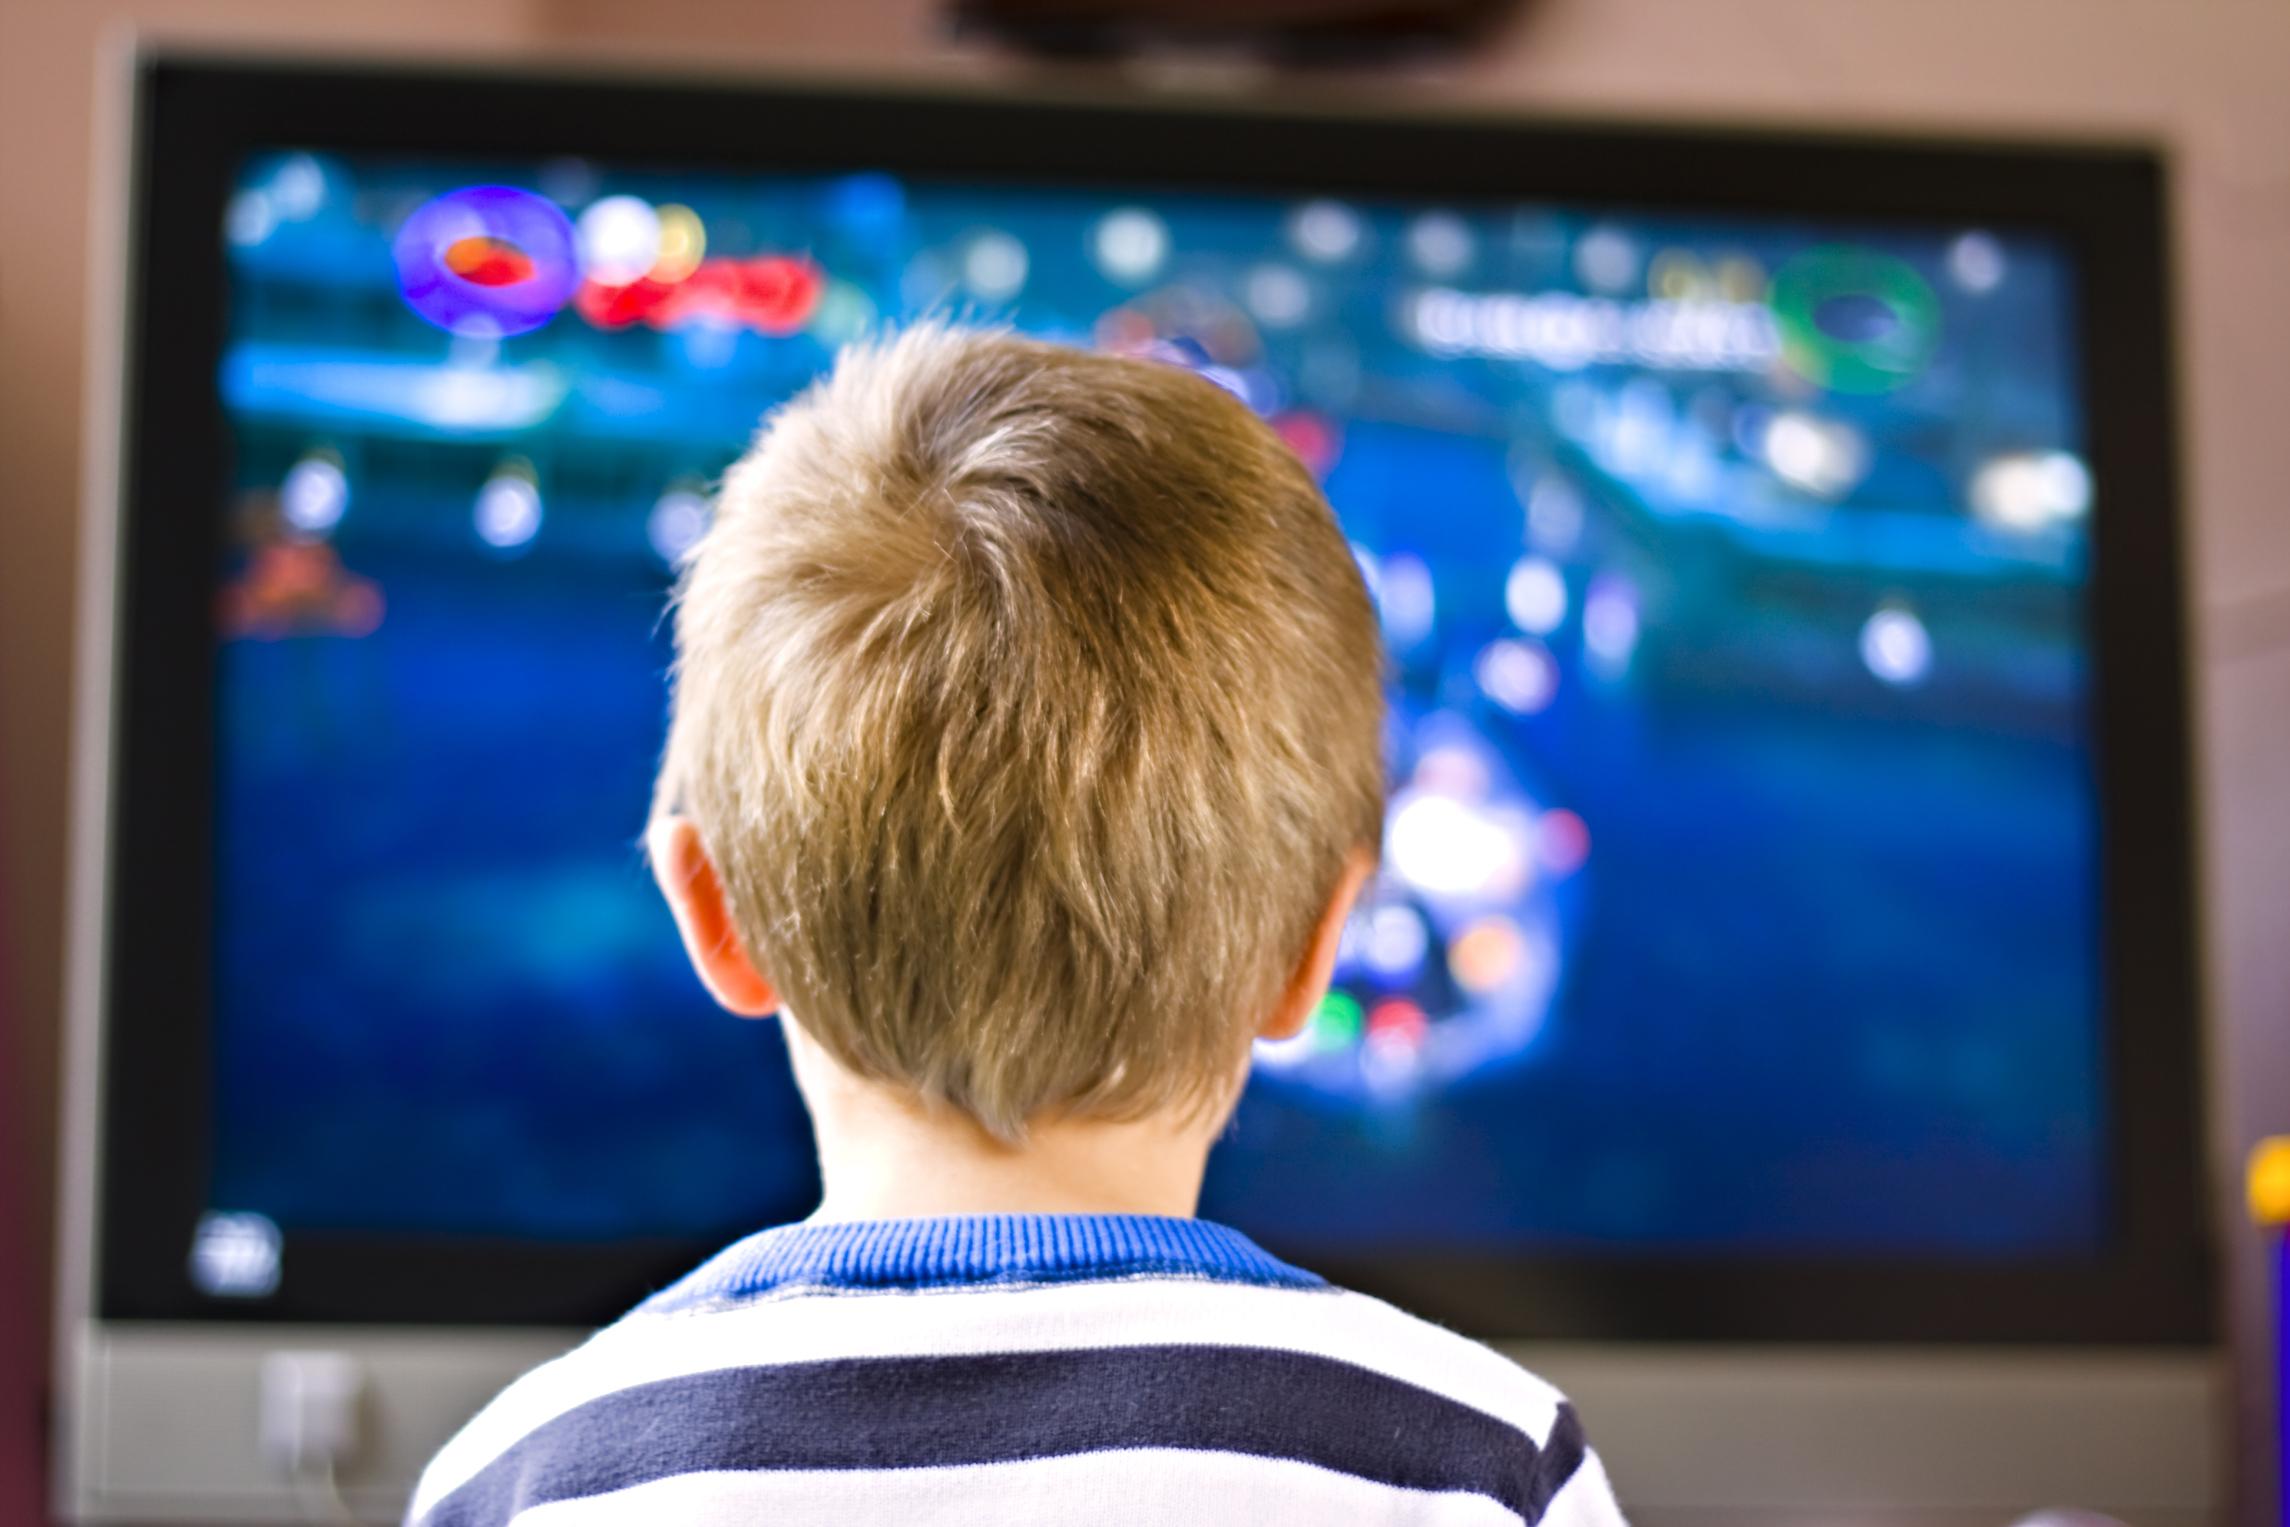 CNA merge în școli pentru a-i învăța pe copii care le sunt drepturile în audiovizual